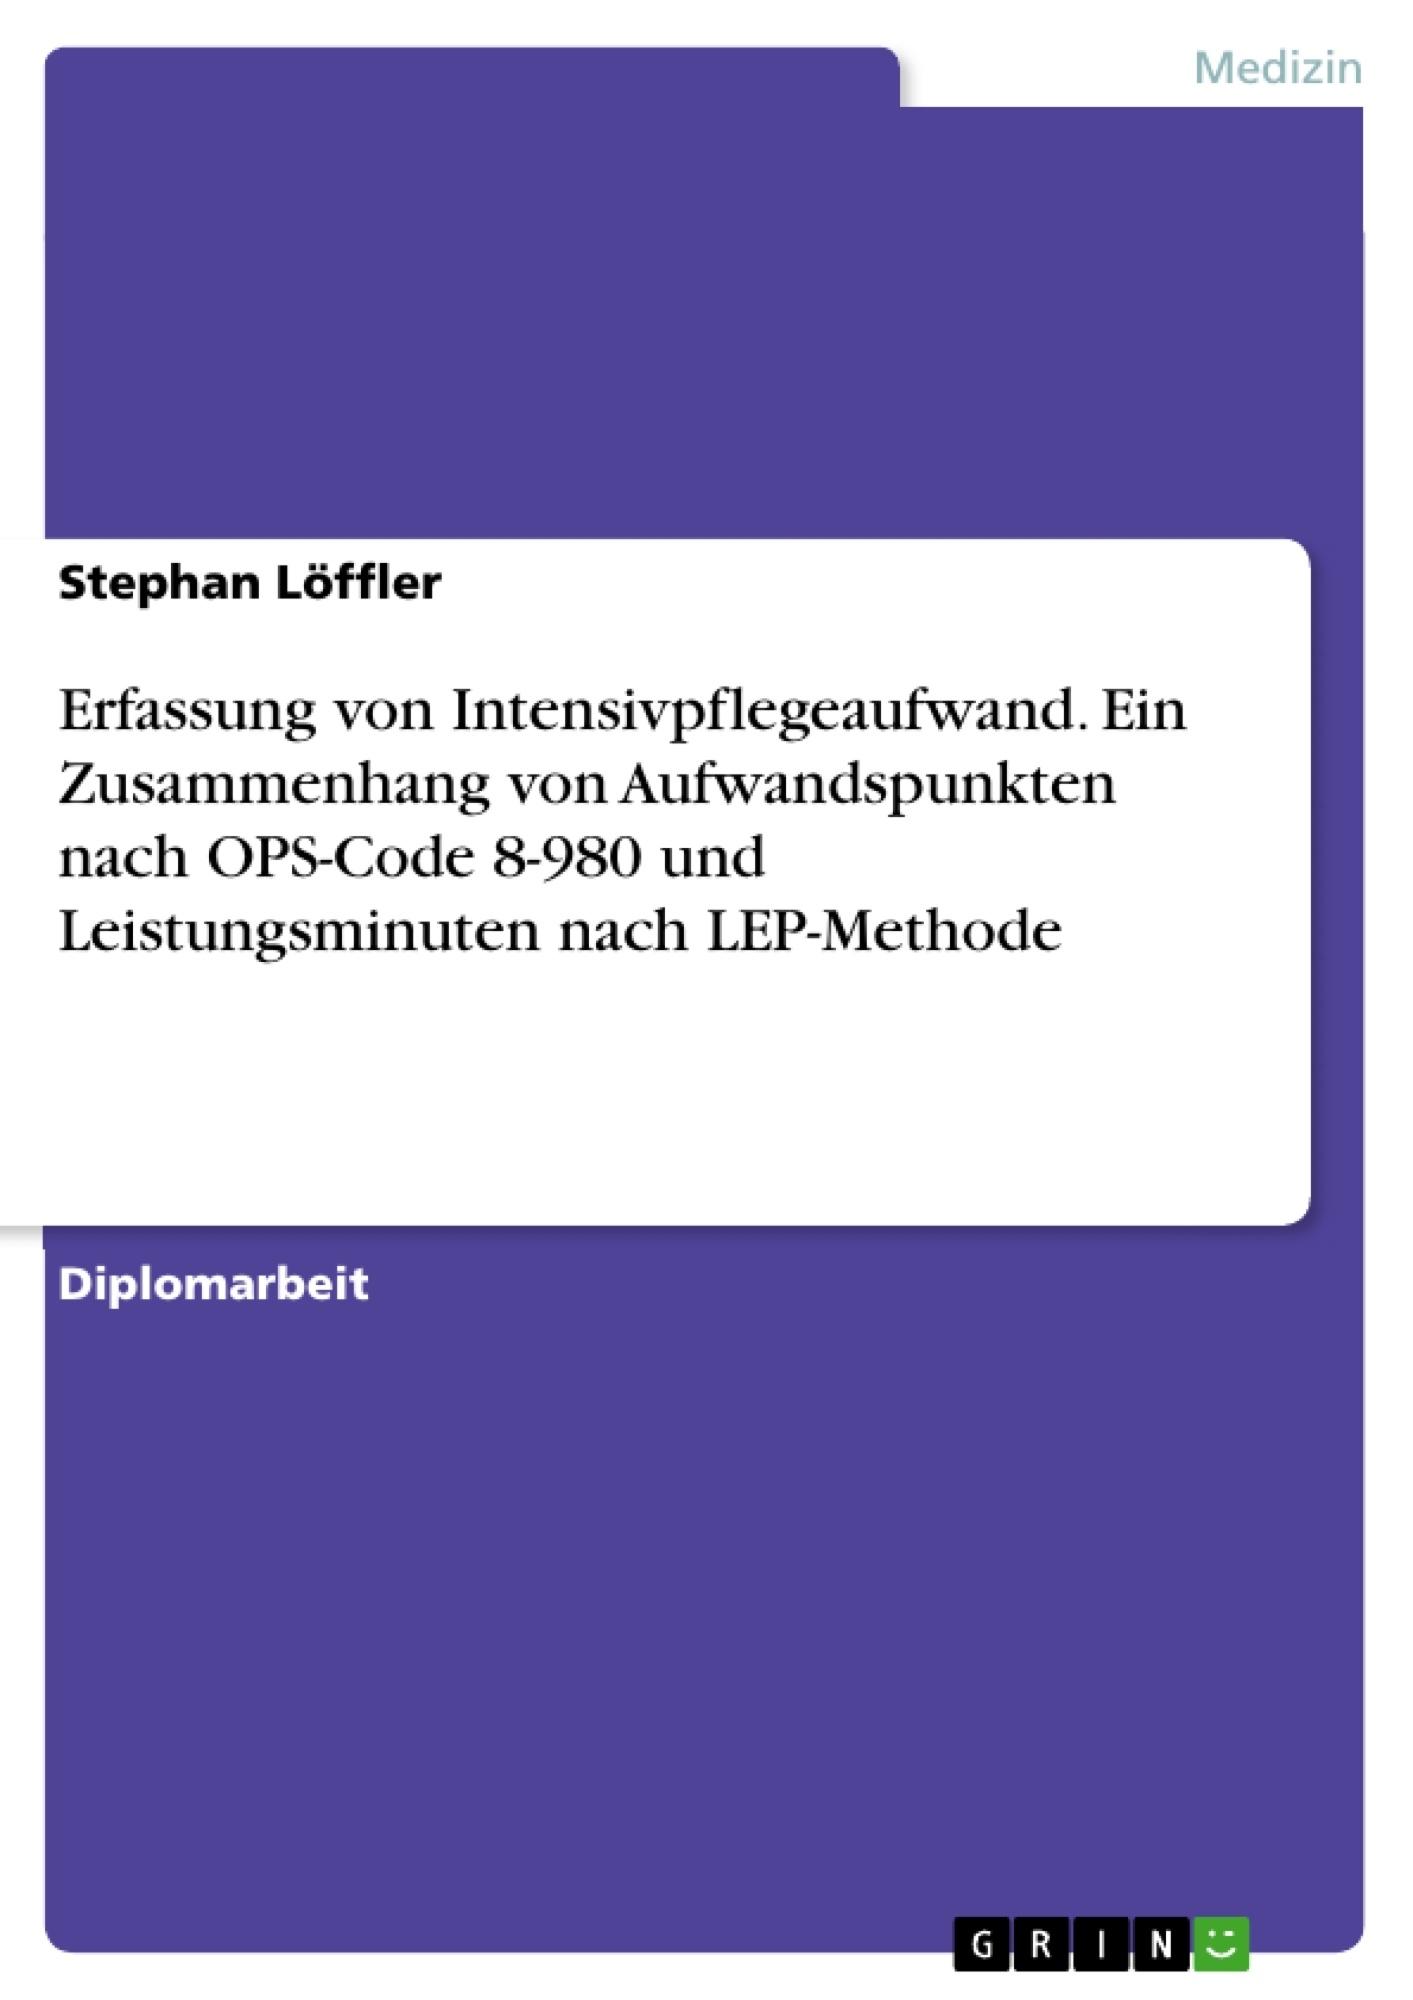 Titel: Erfassung von Intensivpflegeaufwand. Ein Zusammenhang von Aufwandspunkten nach OPS-Code 8-980 und Leistungsminuten nach LEP-Methode